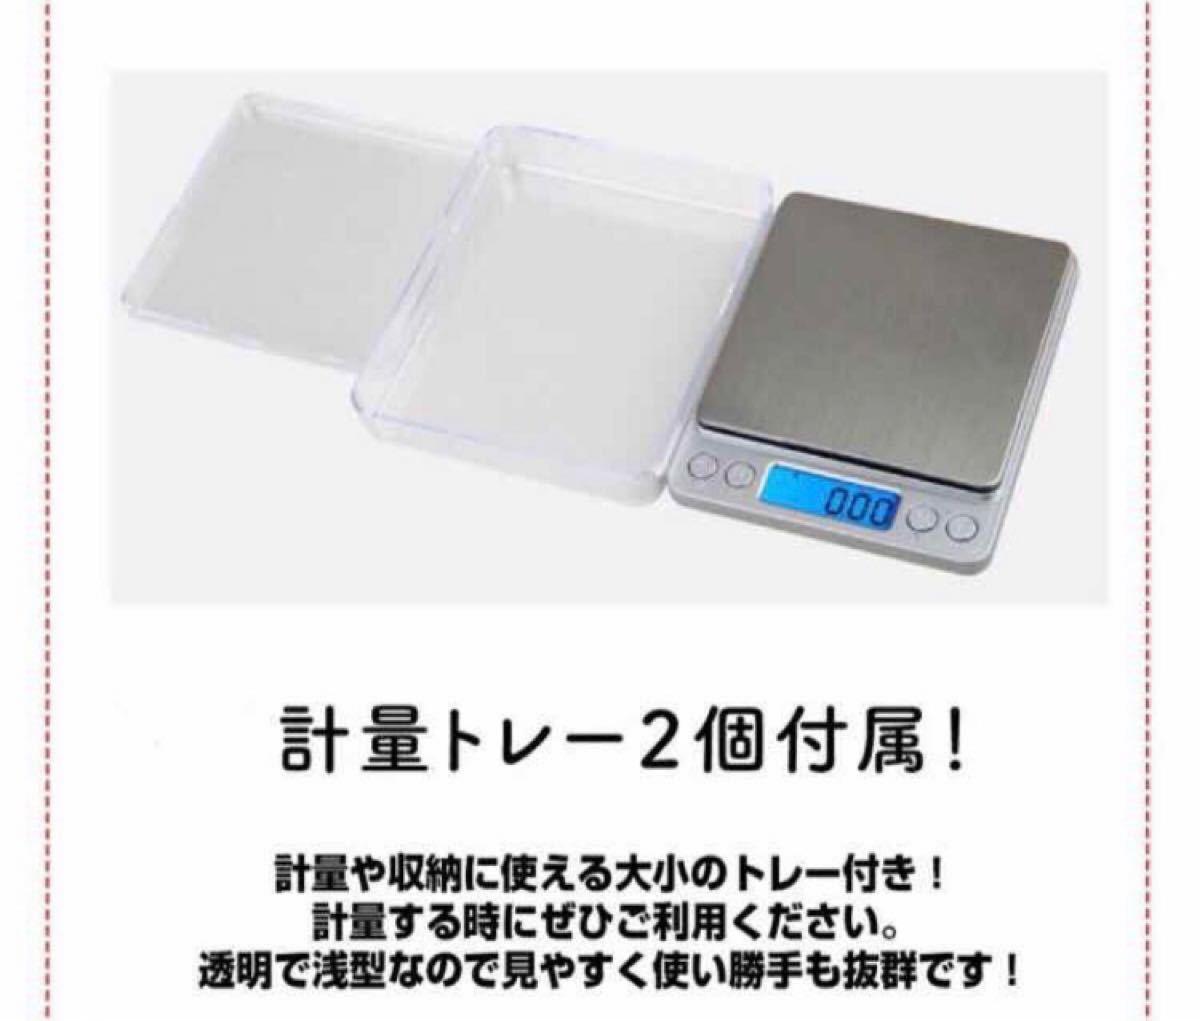 電子秤 キッチンスケール デジタルスケール デジタルキッチンスケール 風袋引き